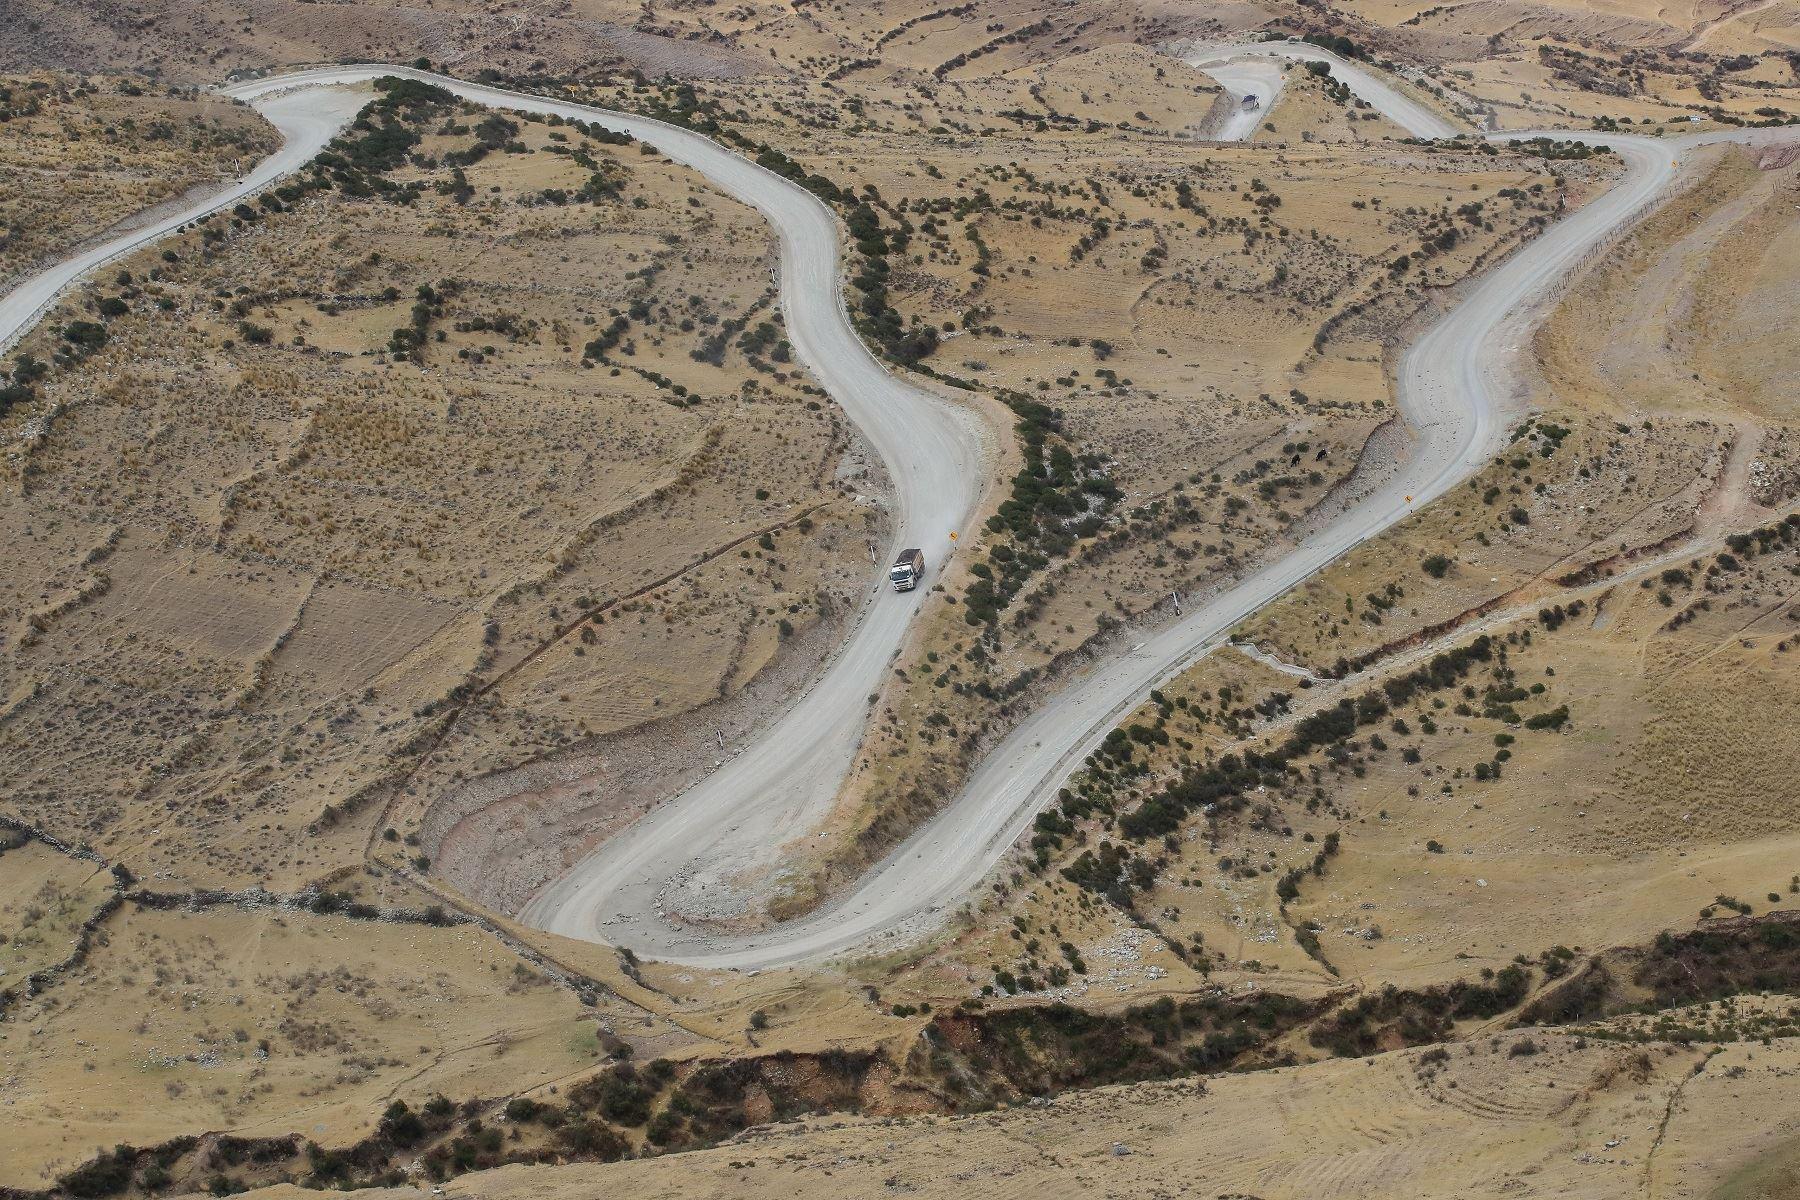 Gobierno decreta nueva declaratoria de emergencia en el Corredor Vial Minero del Sur que se superpone a la declaratoria de emergencia sanitaria por Covid-19